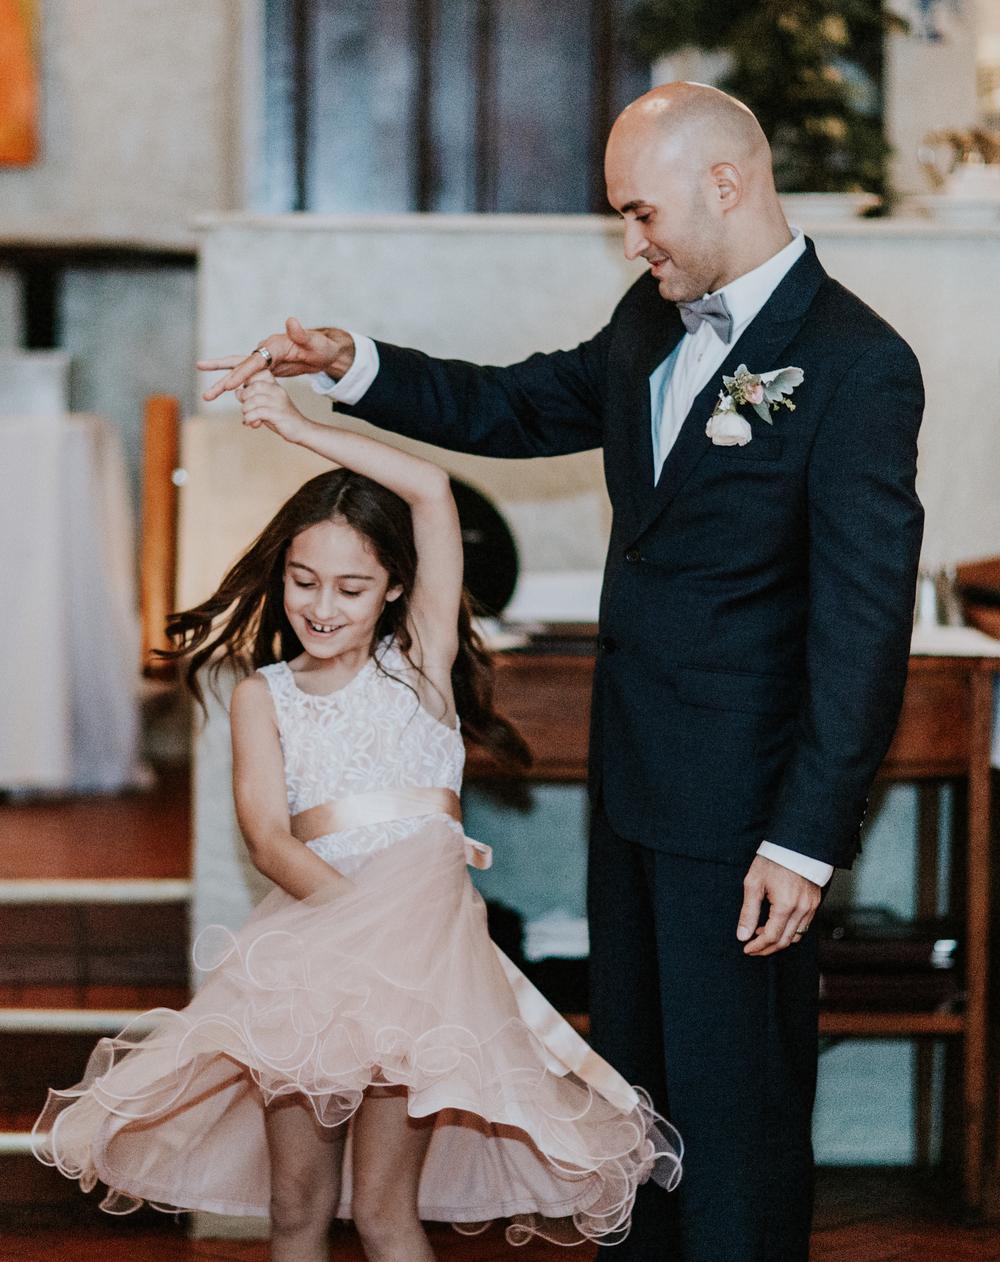 Orlando Wedding | Vanessa Boy |VANESSABOY.COM-474.com final set .jpg